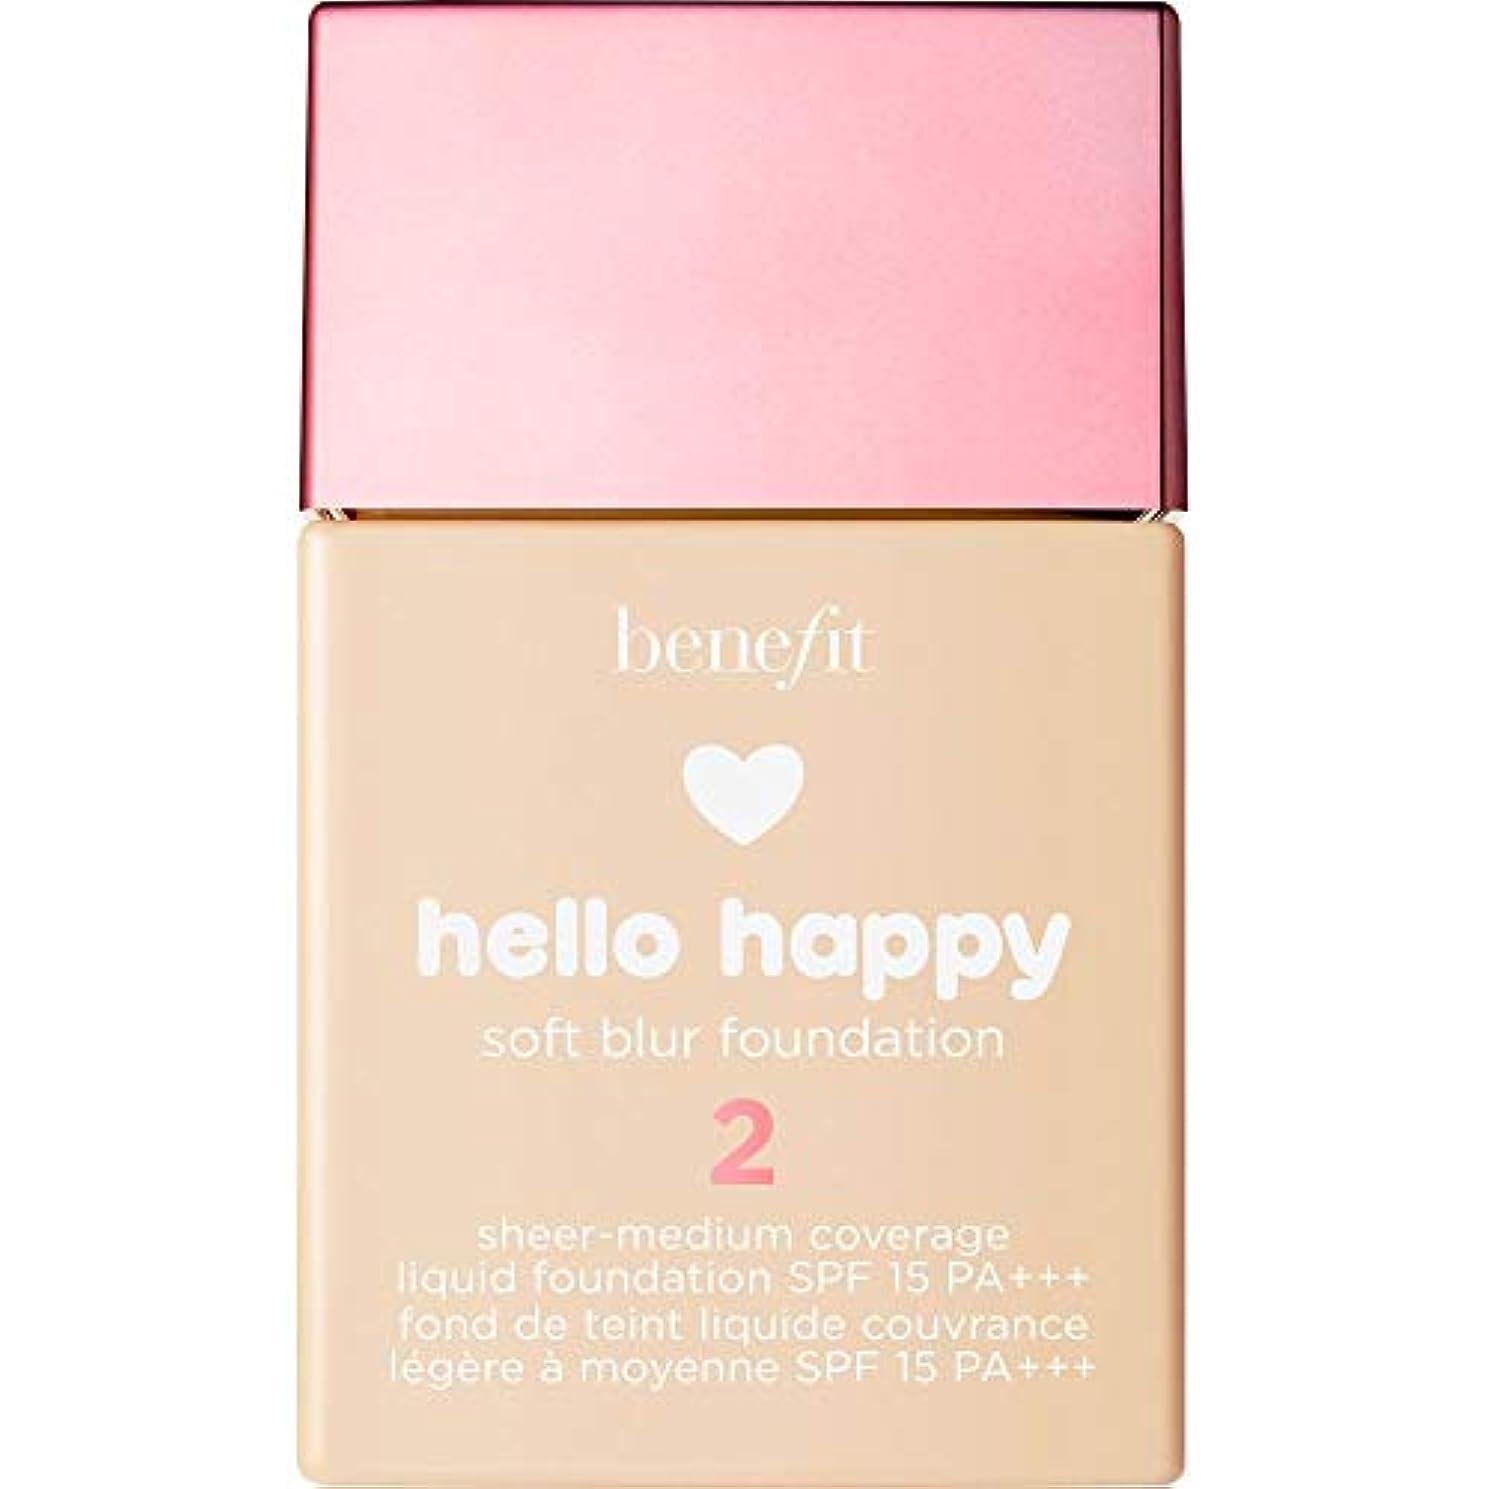 技術的な好意的評判[Benefit ] こんにちは幸せなソフトブラー基礎Spf15 30ミリリットル2に利益をもたらす - 暖かい光 - Benefit Hello Happy Soft Blur Foundation SPF15 30ml...